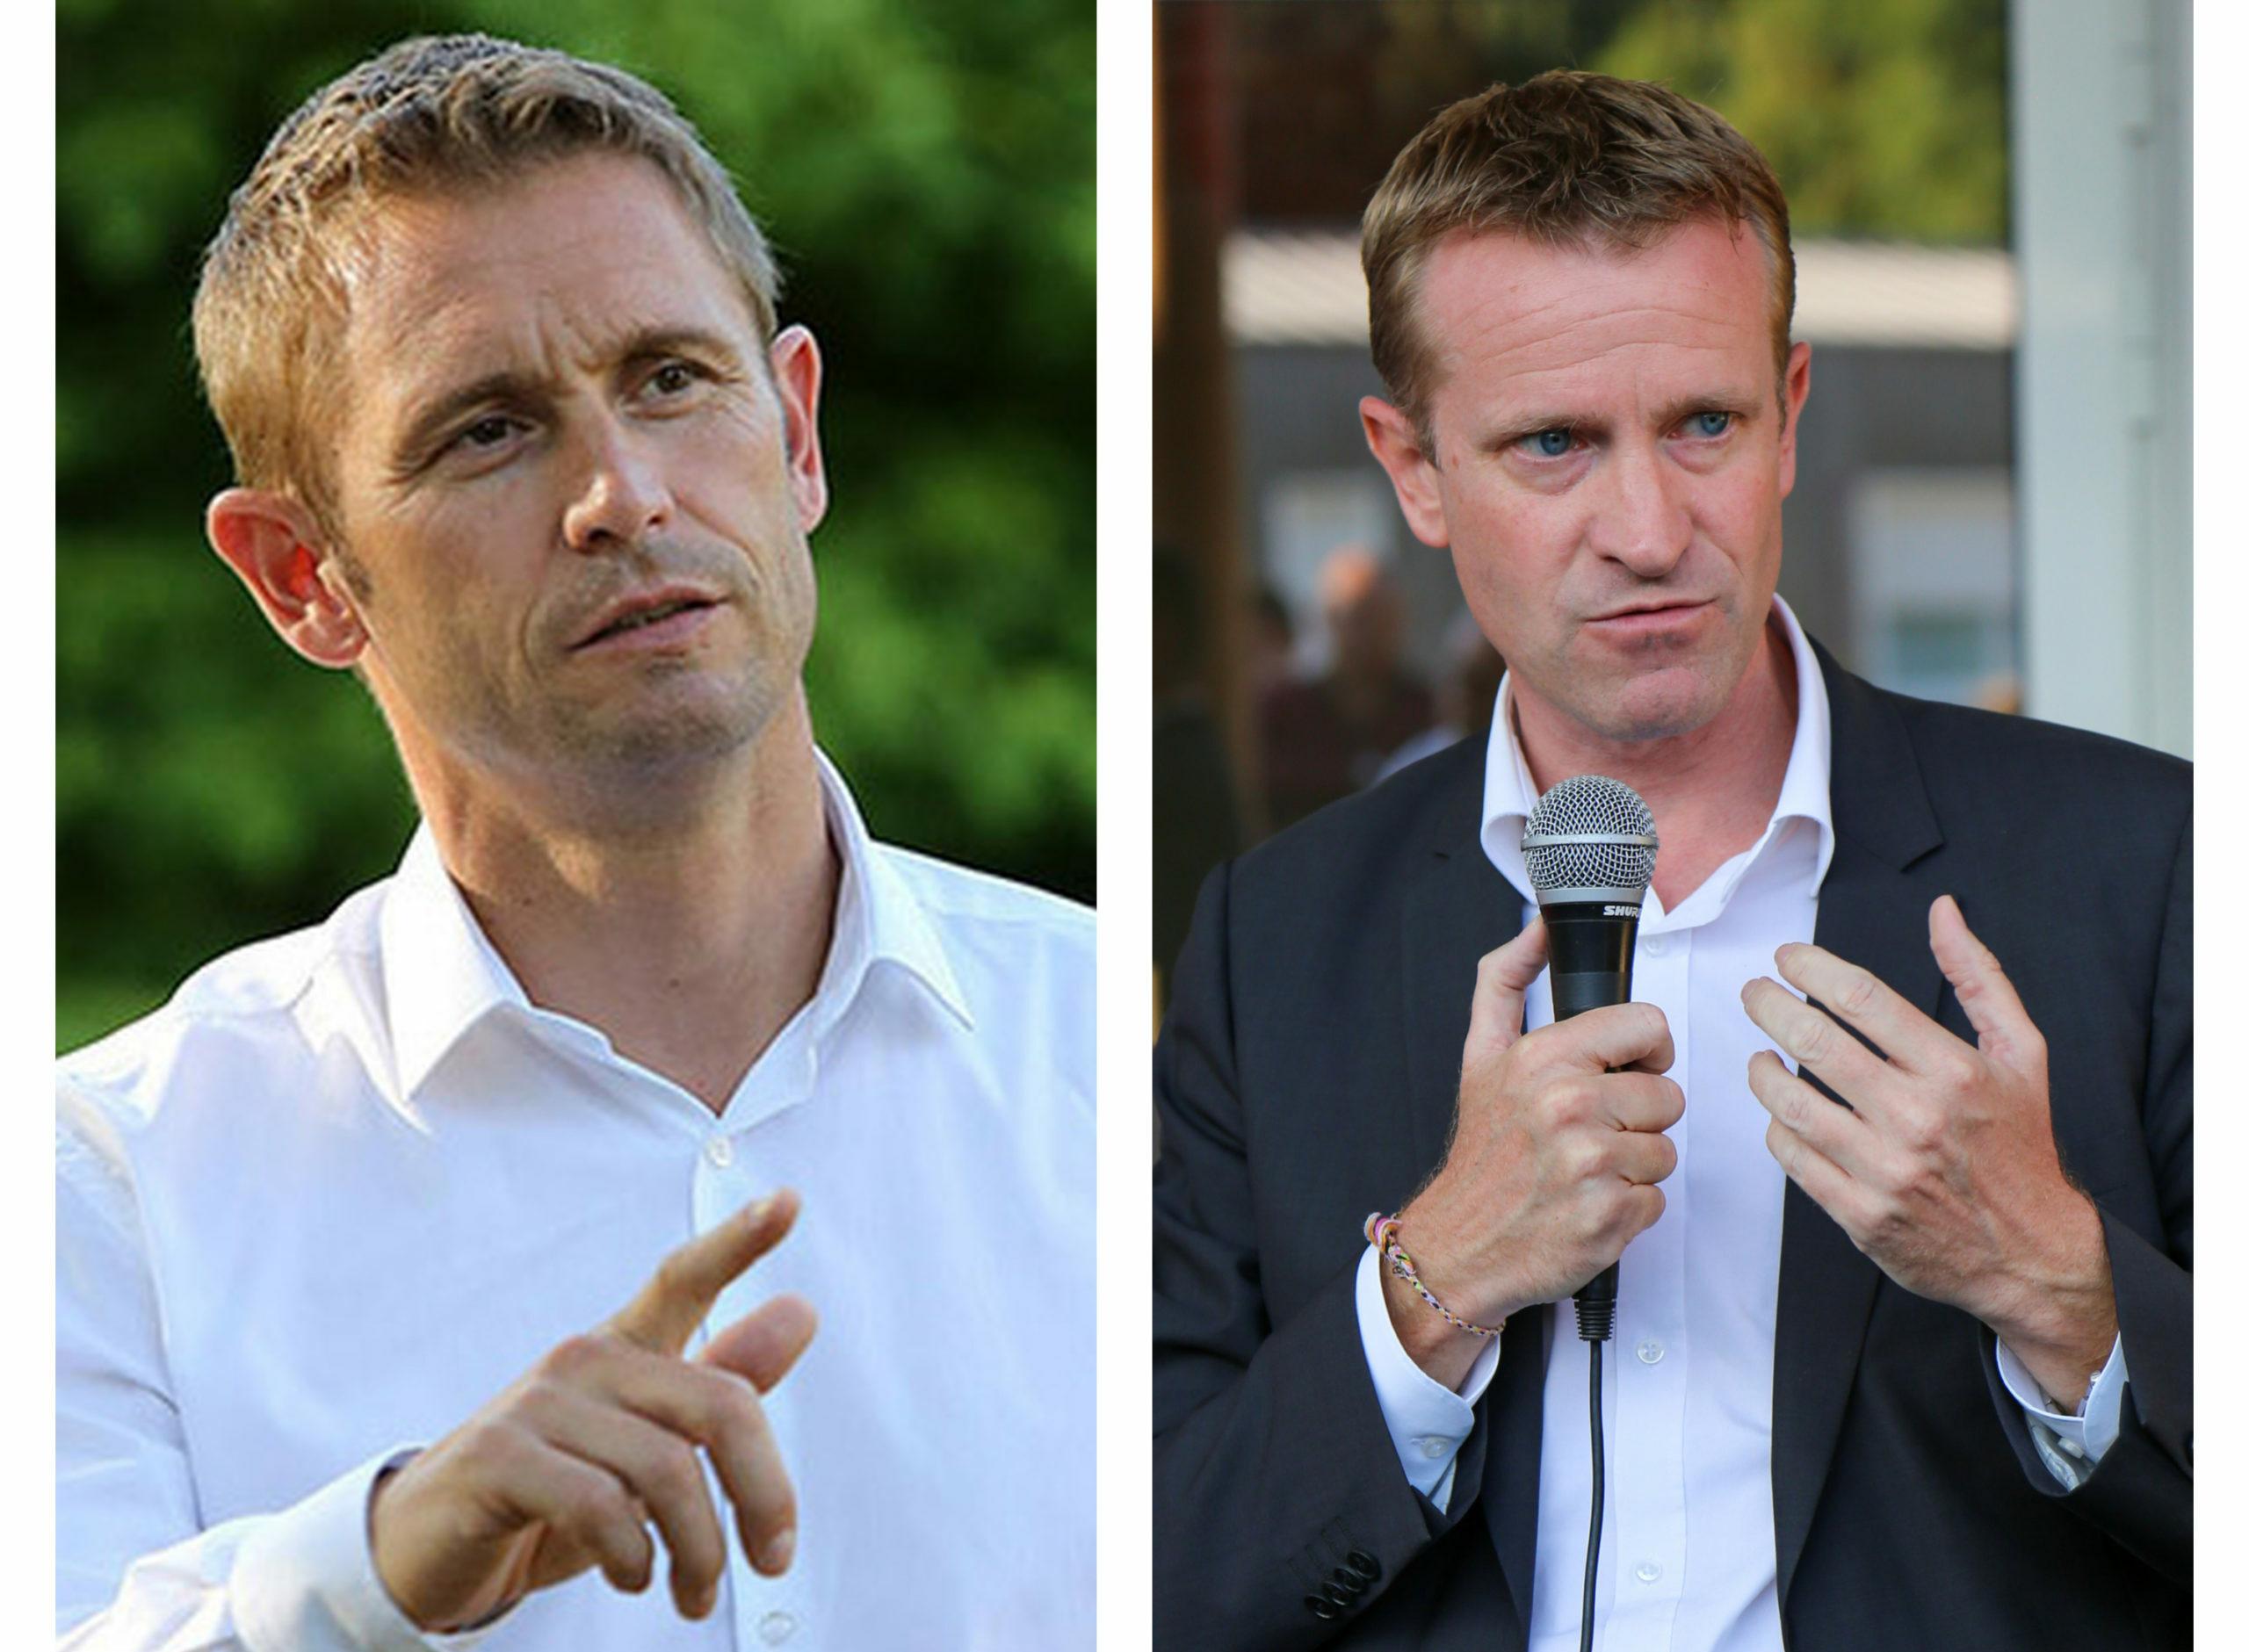 Stéphane Beaudet et Jean-Philippe Dugoin-Clément candidats à la tête de l'Amif